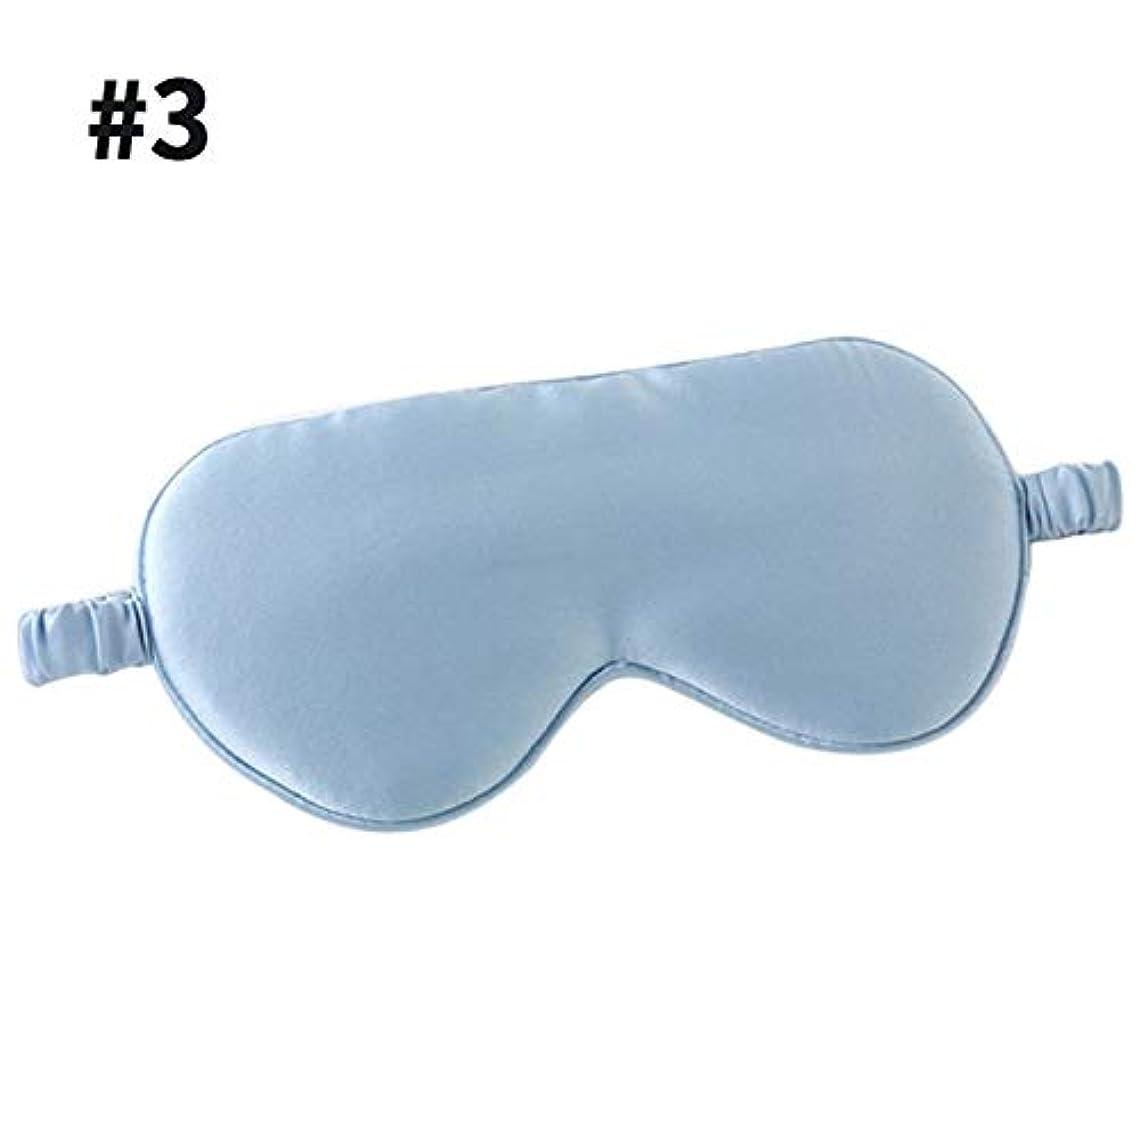 卑しい整理する厳密にNOTE 3dスリープマスクアイシェードシルクレストアイパッチポータブル旅行睡眠アイマスク目隠しアイシェードカバーマスク用睡眠女性男性